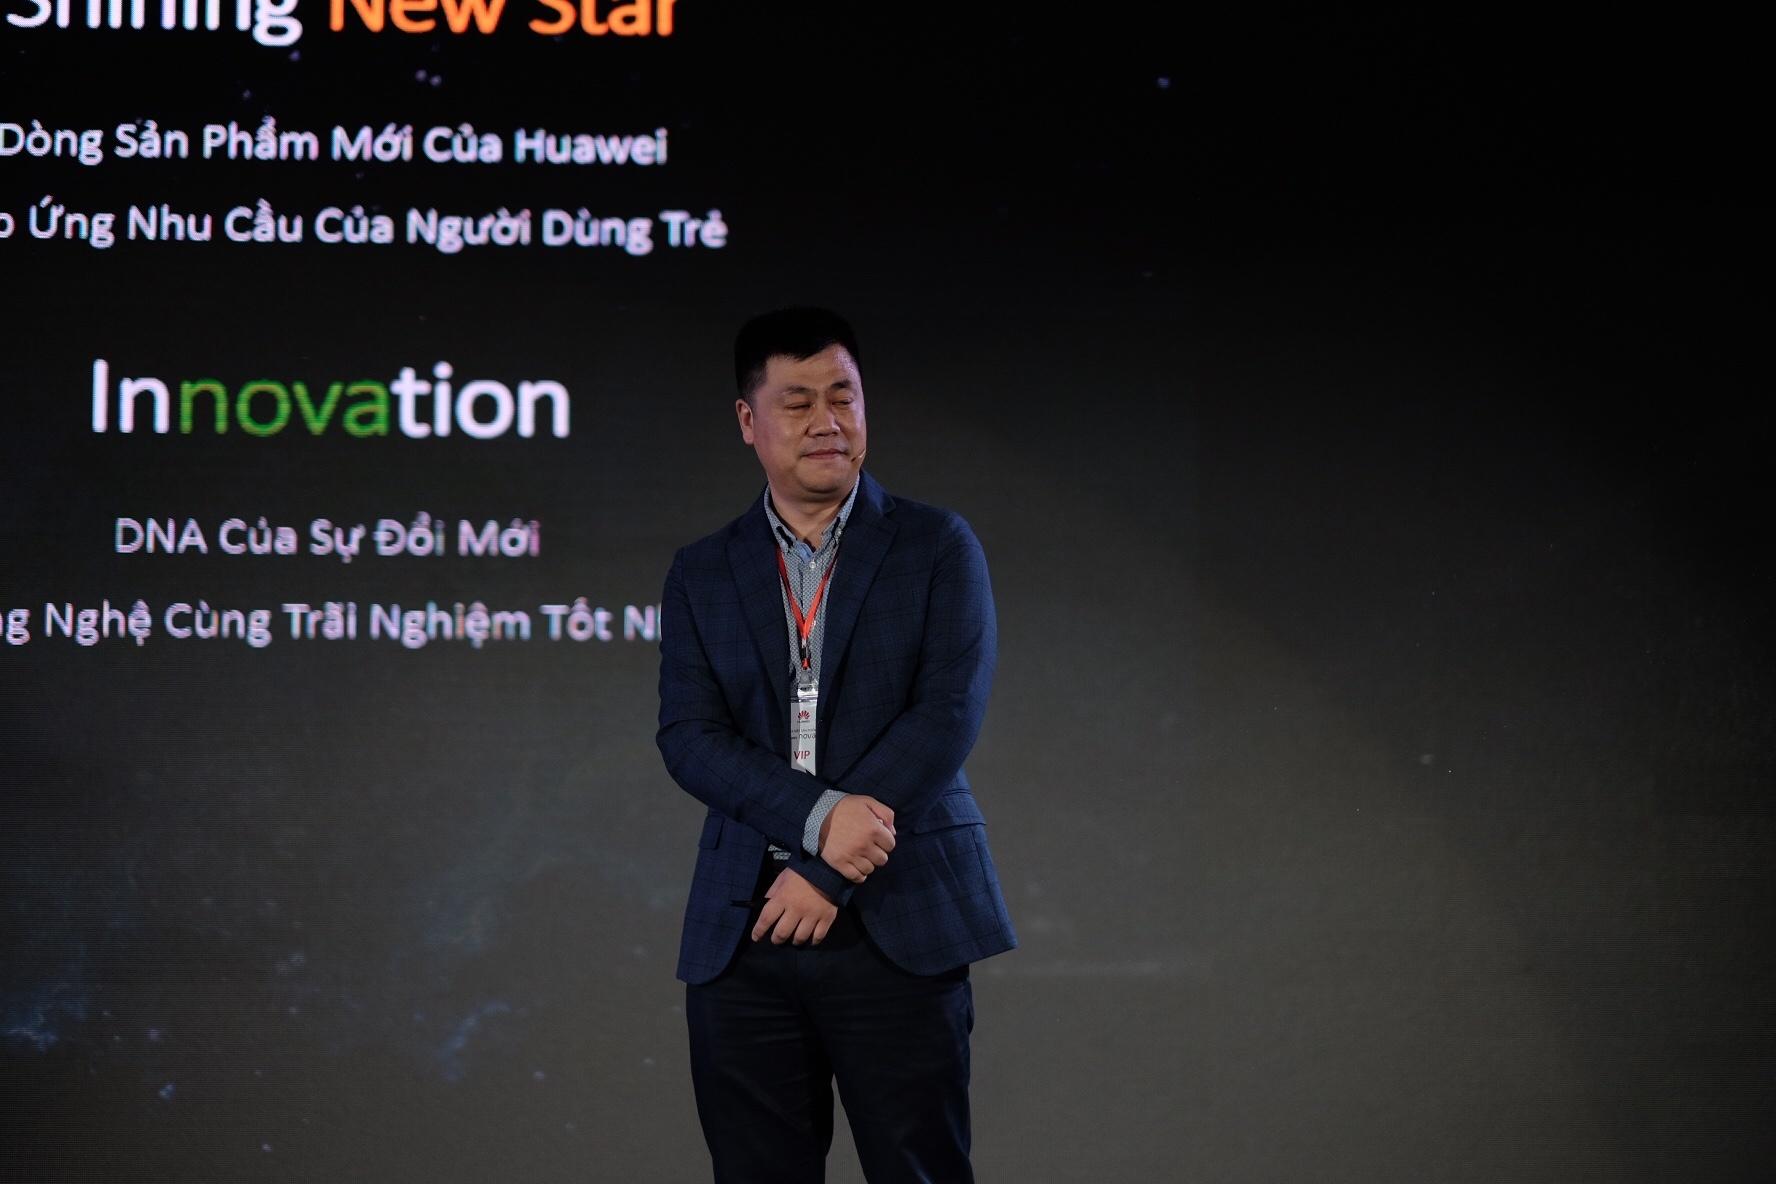 Huawei ra mat smartphona Nova 2i anh 4